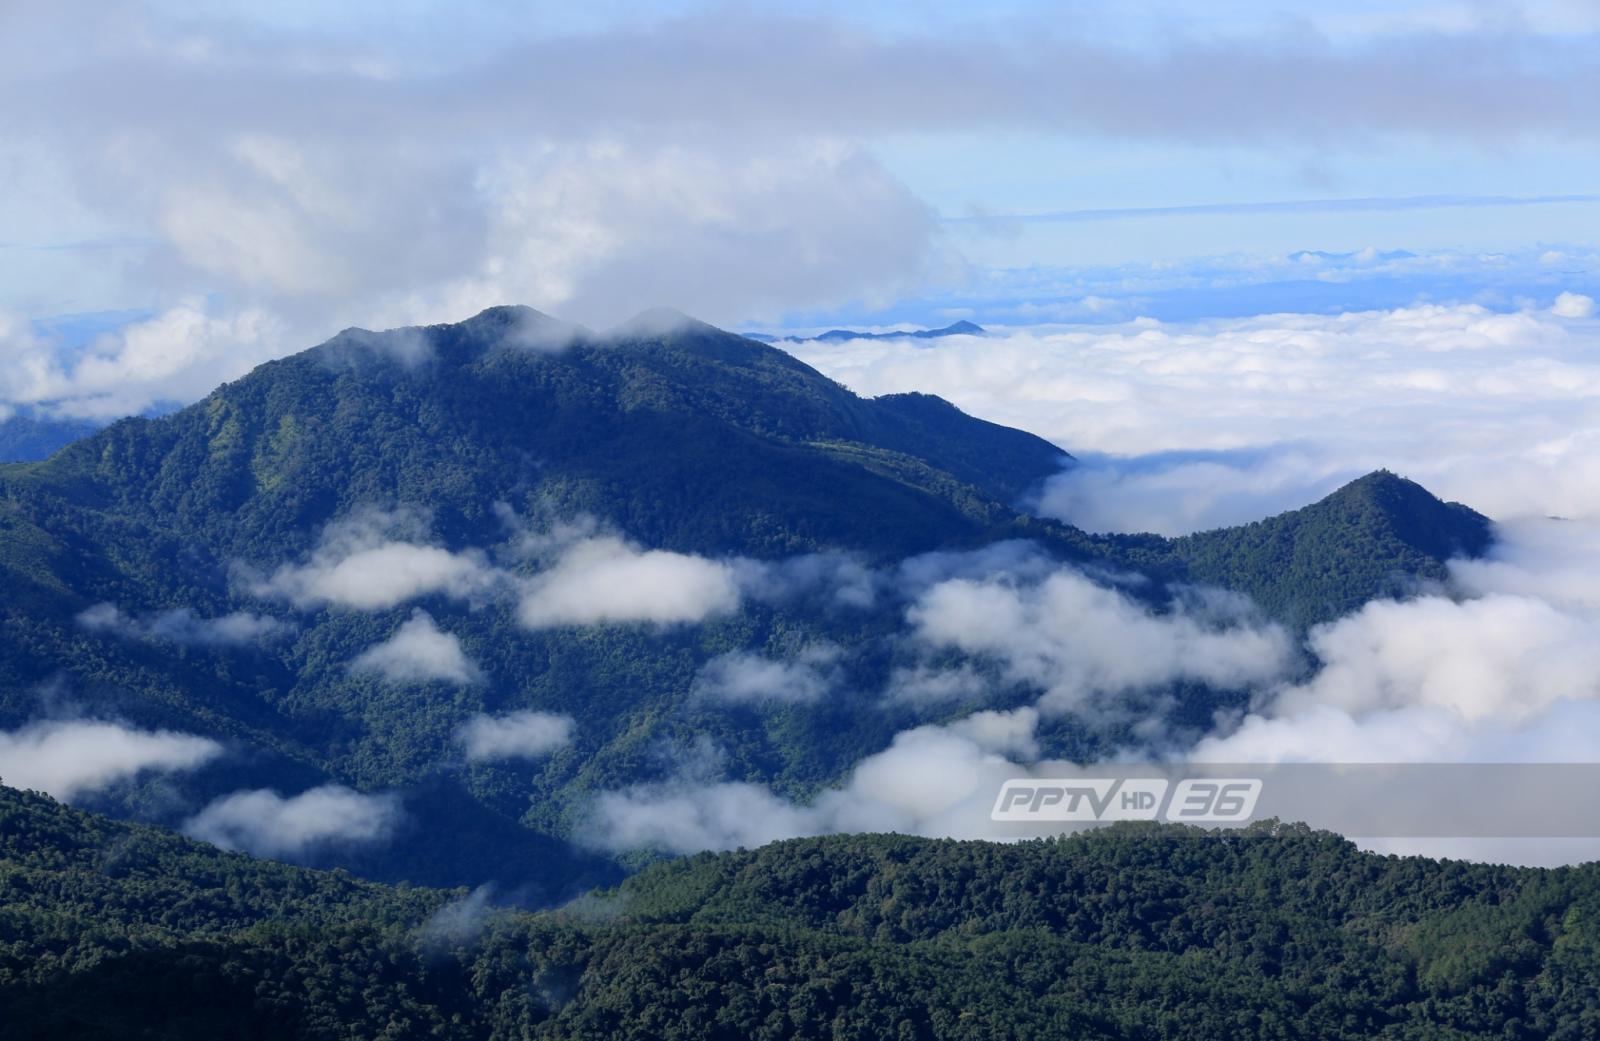 อุตุฯ เผยเกือบทั่วประเทศอุณหภูมิลดลง 6- 8 องศา บางพื้นที่อาจมีฝนตก